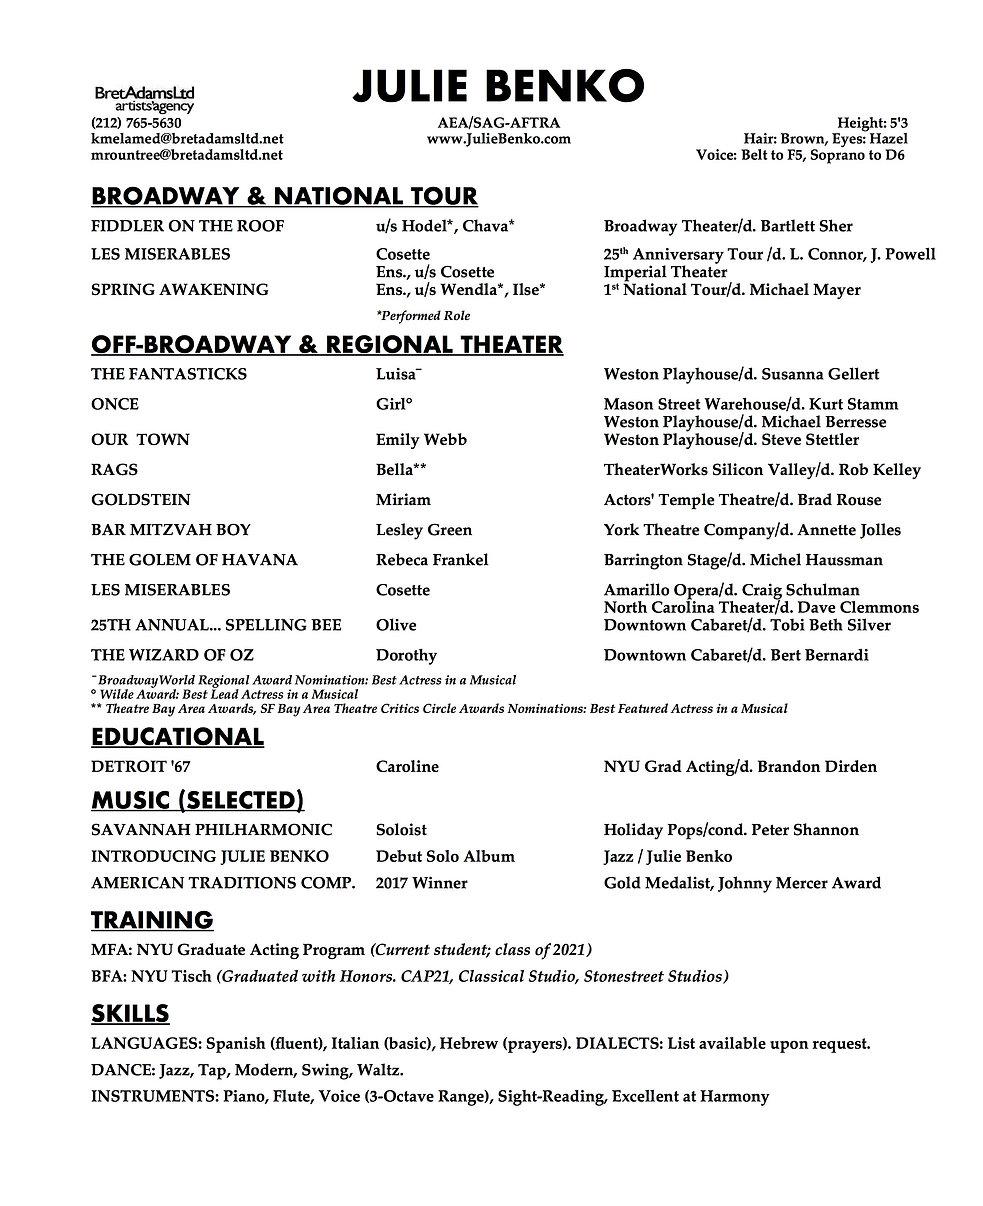 Julie Benko Resume 12_19.jpg